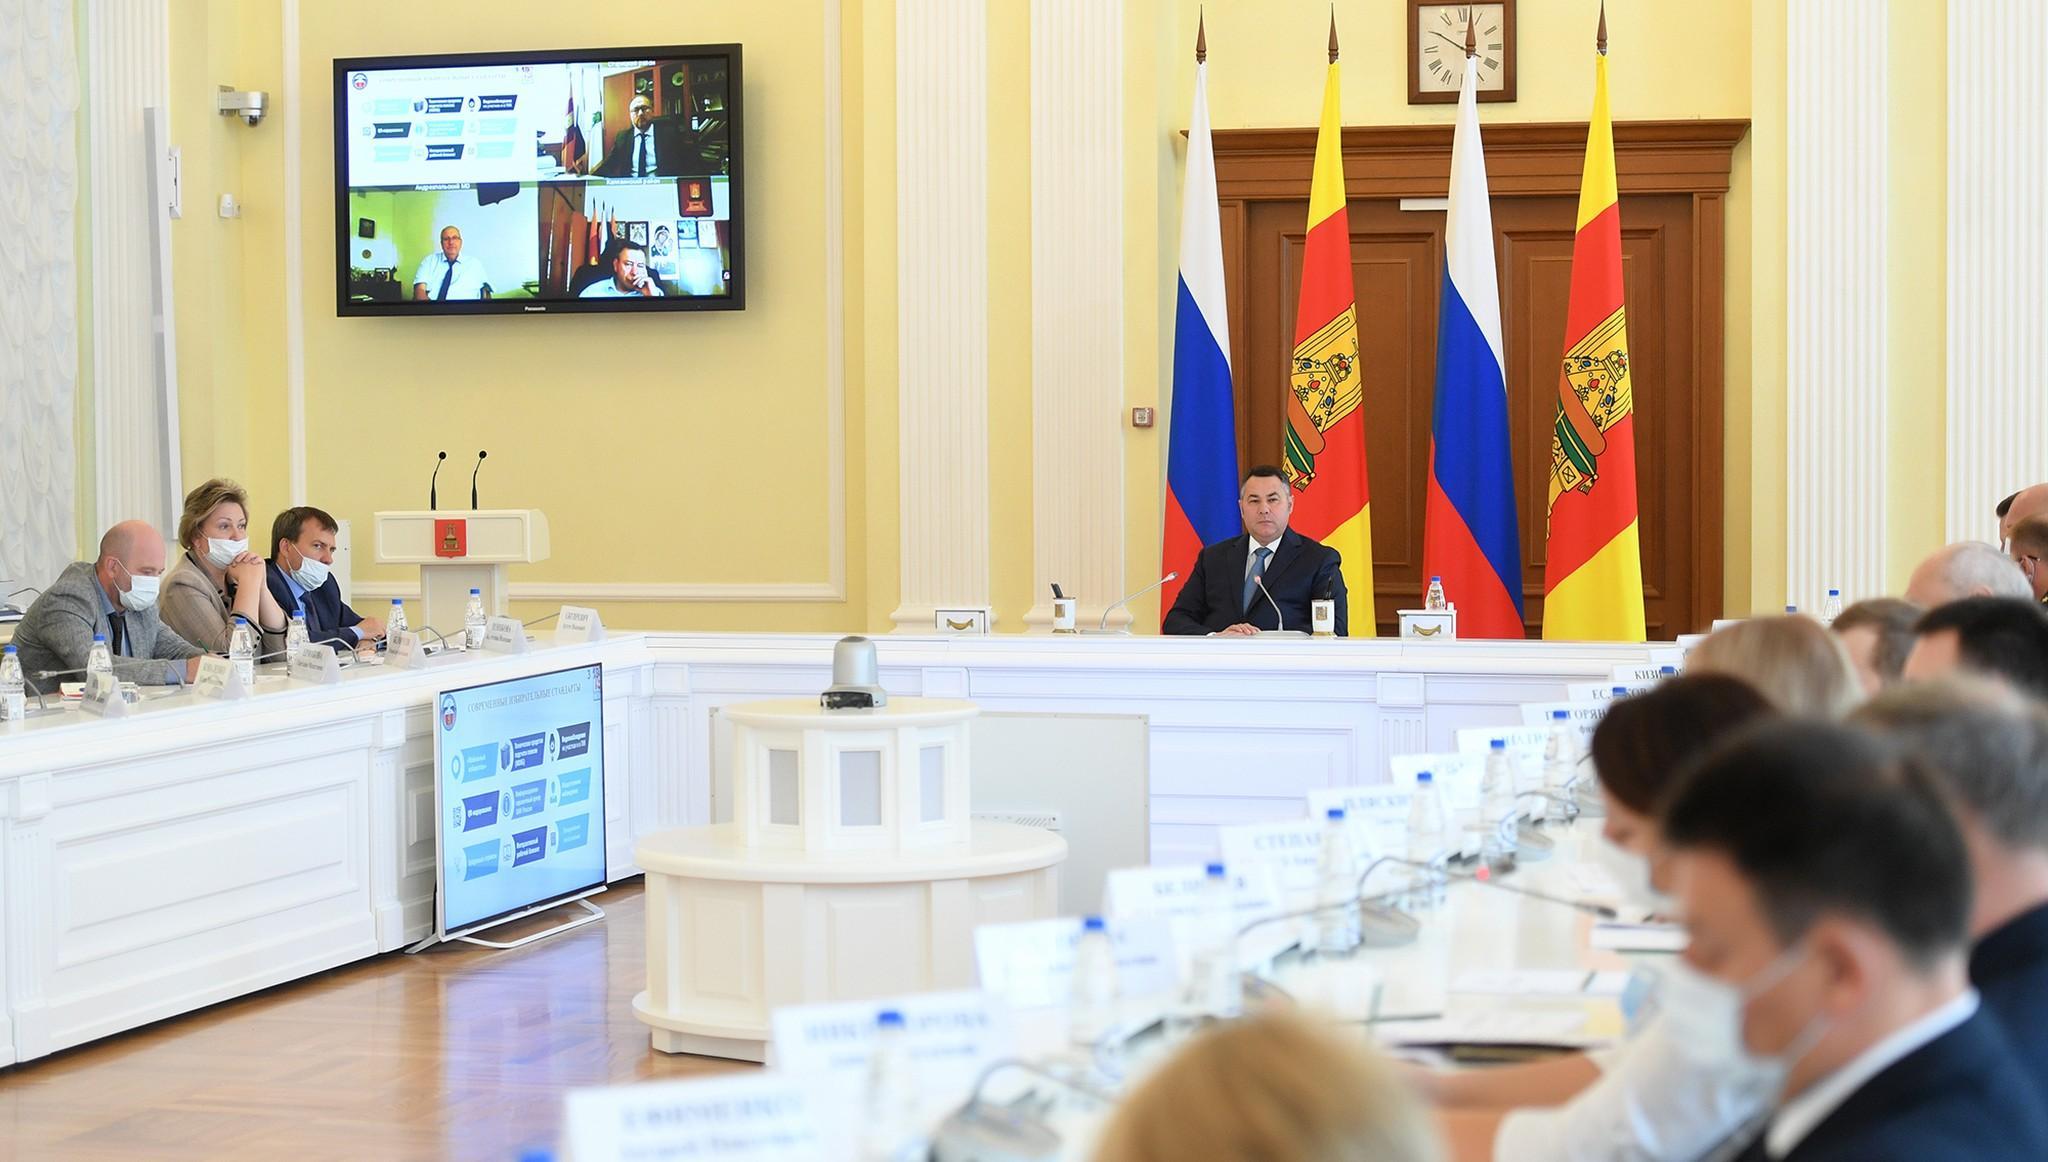 На выборах в Тверской области обеспечат соблюдение общественного порядка и санитарных норм - новости Афанасий